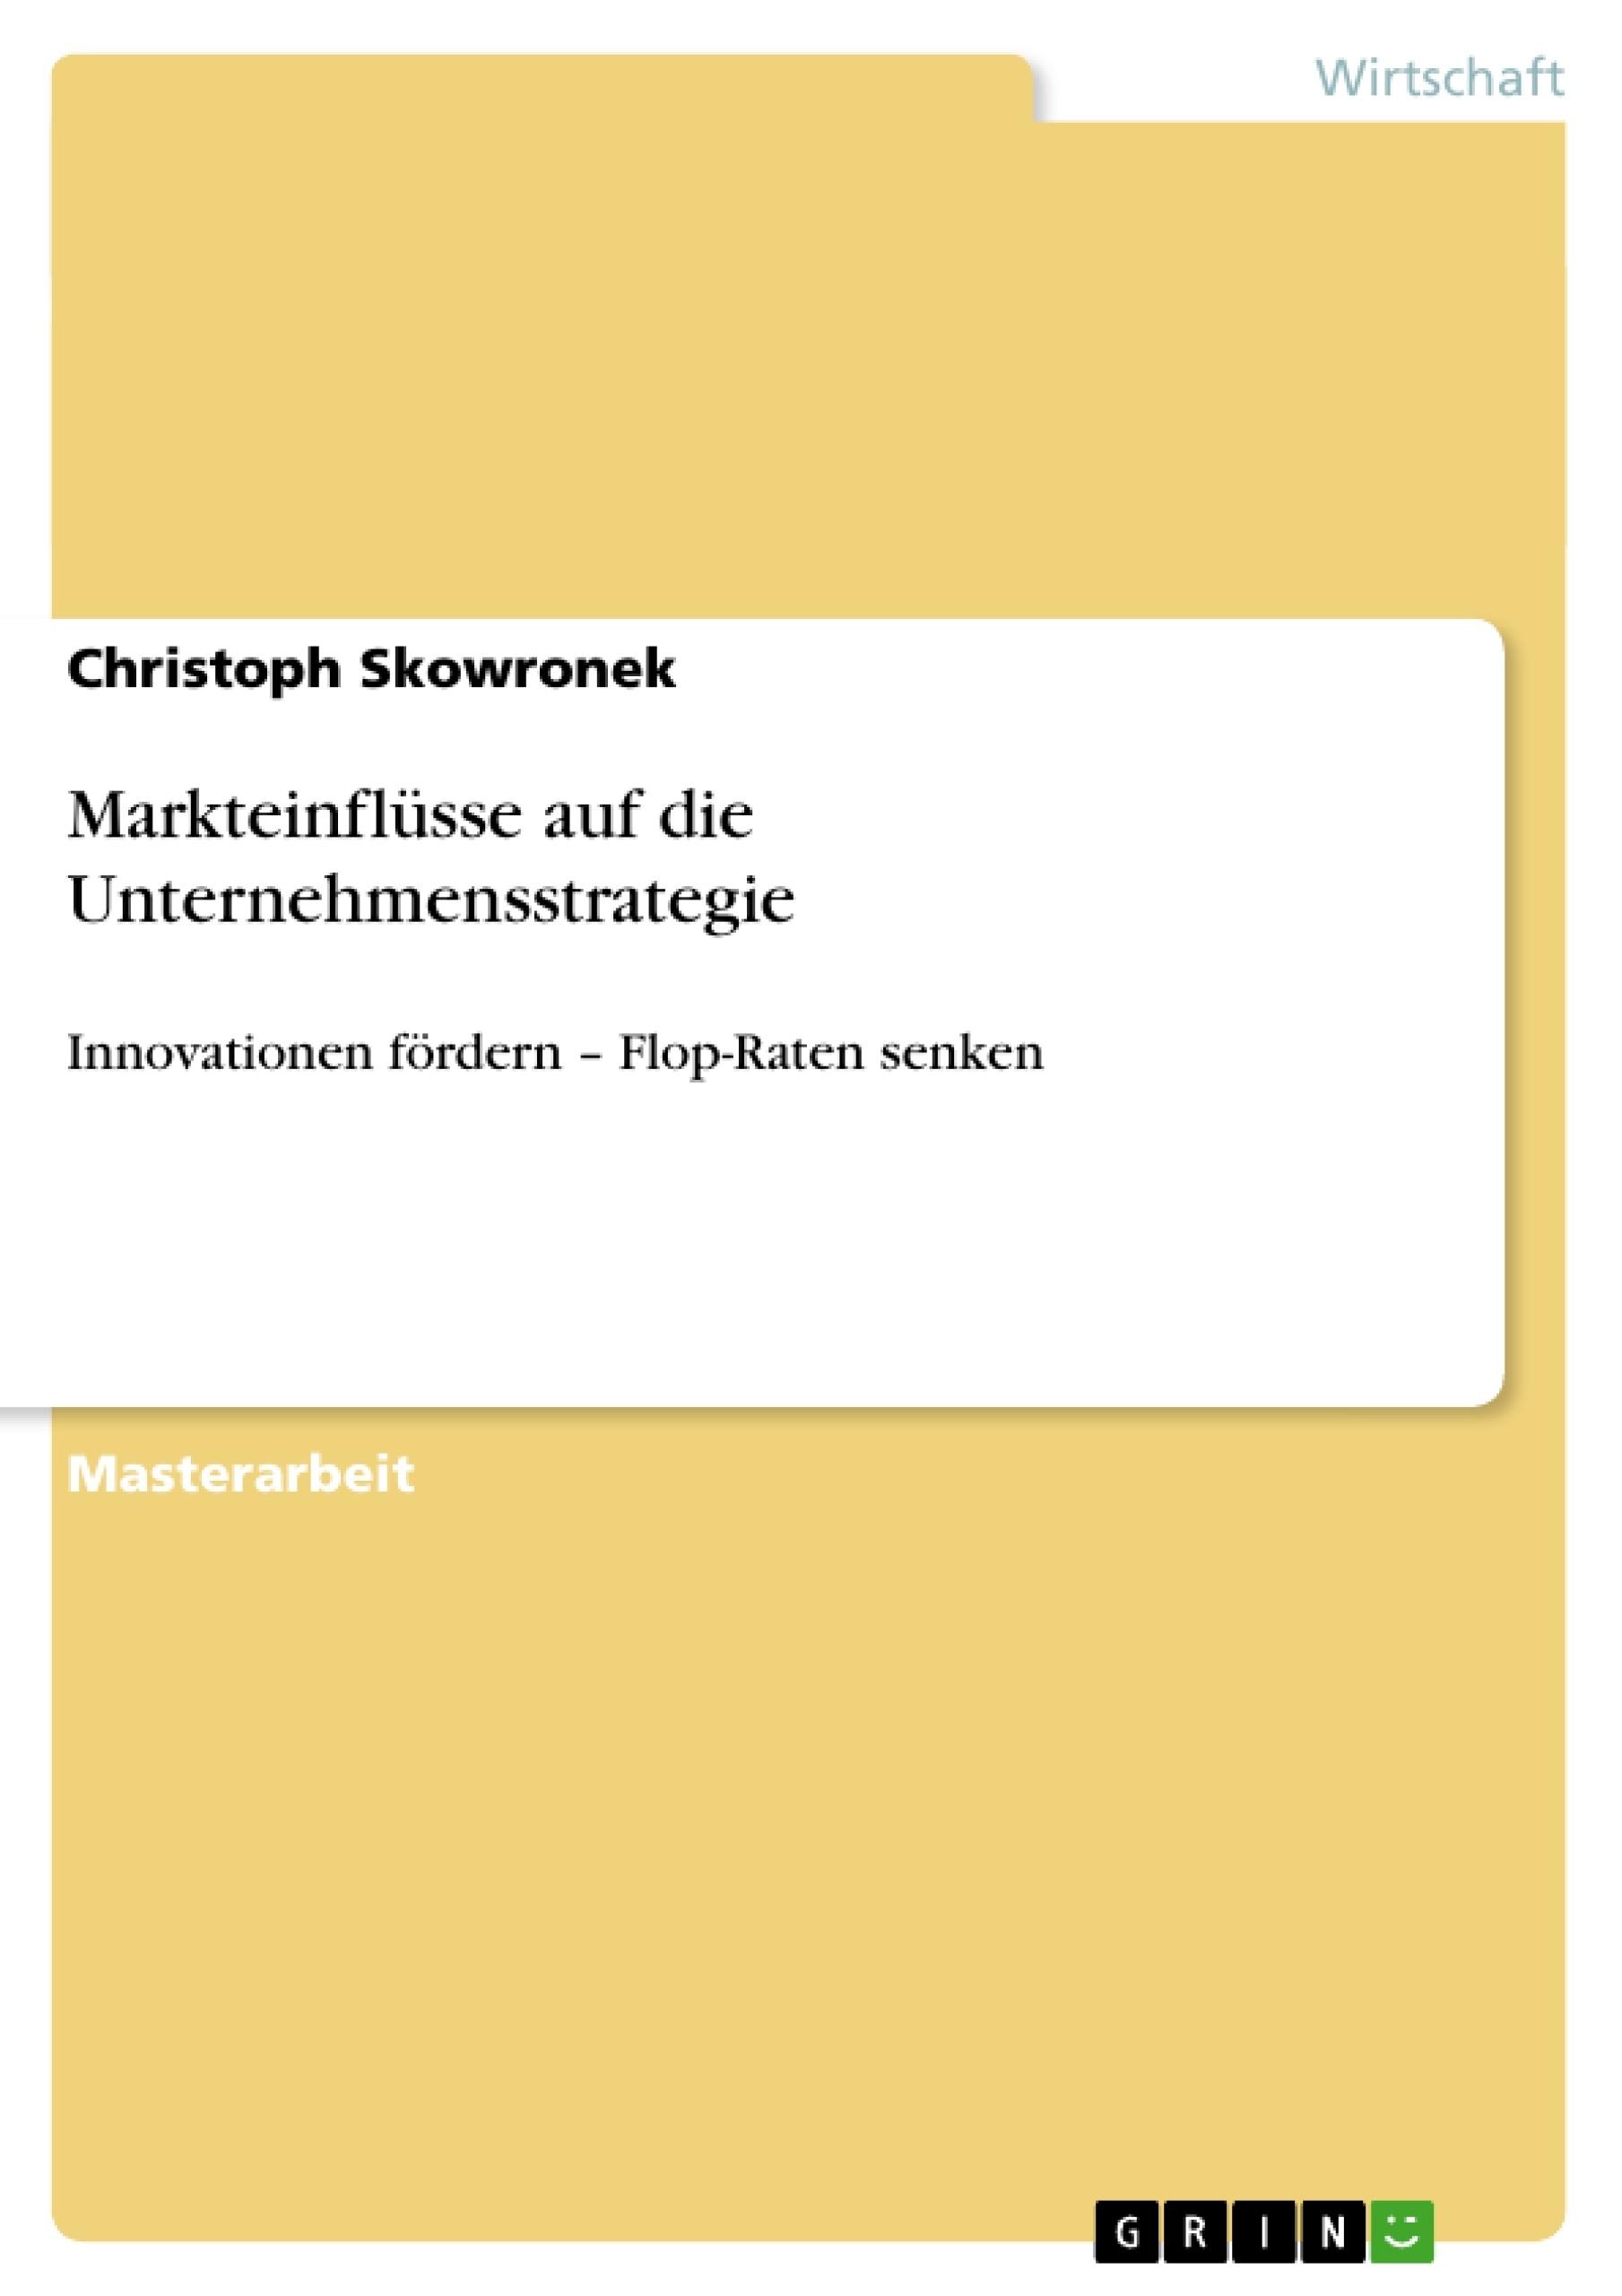 Titel: Markteinflüsse auf die Unternehmensstrategie